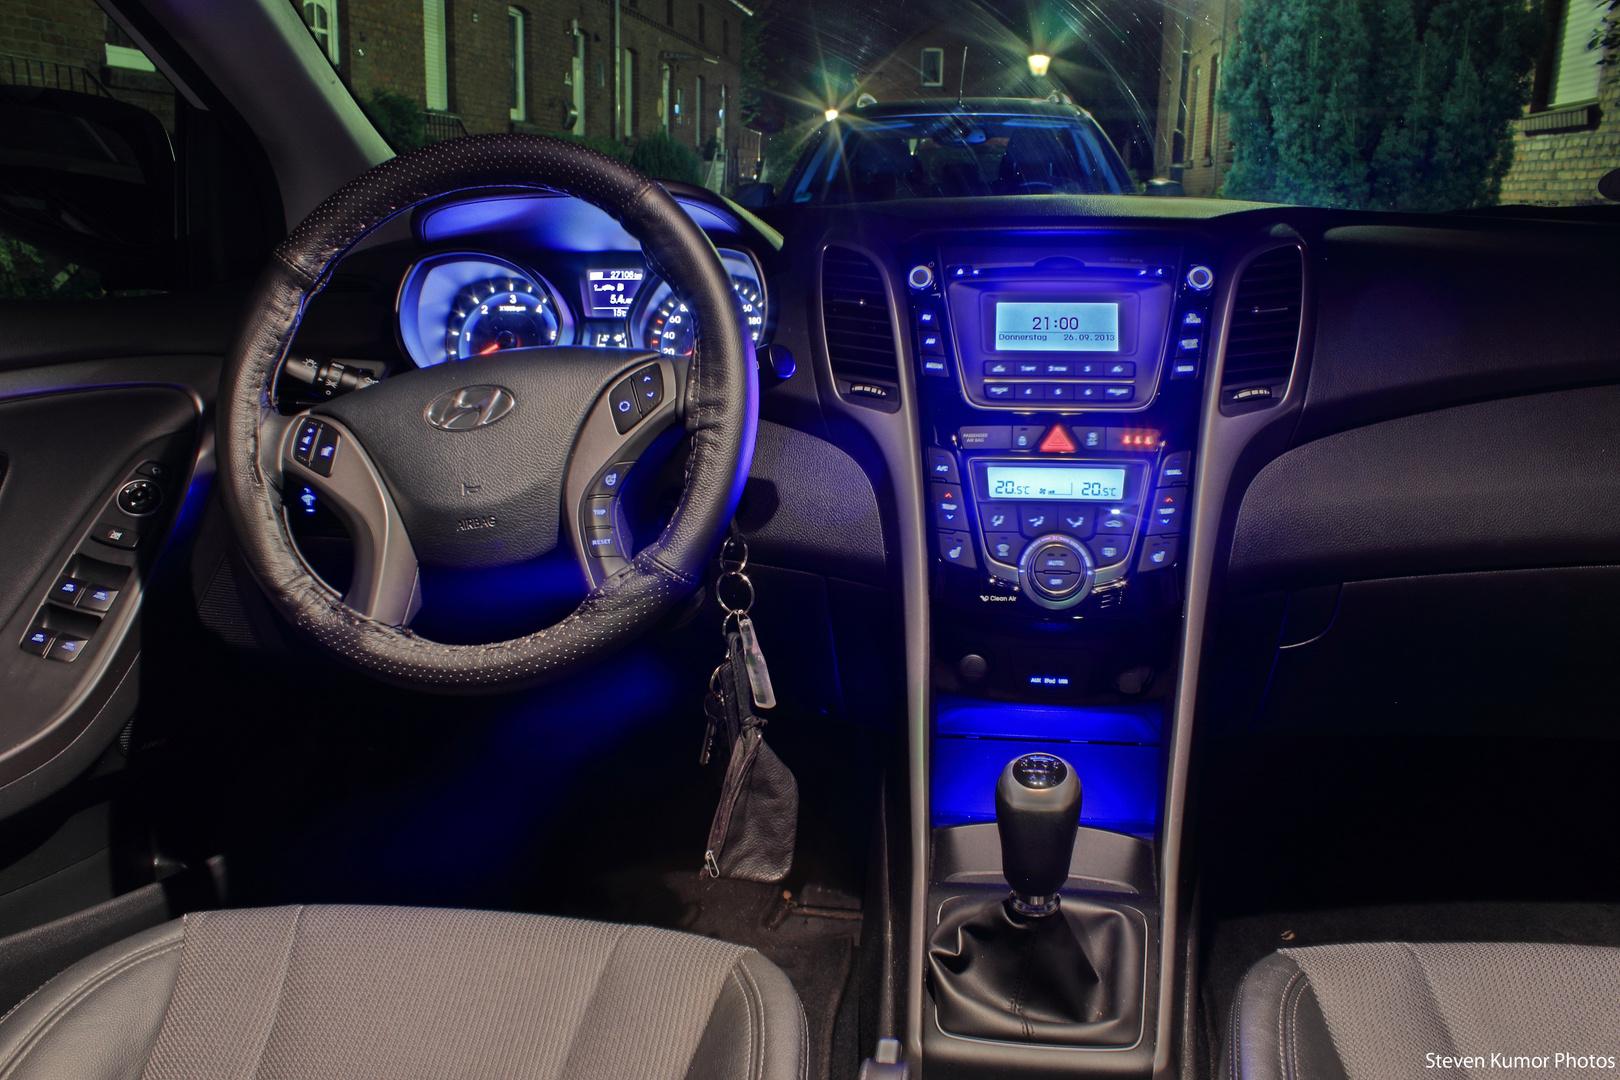 Blue dominant Lights...